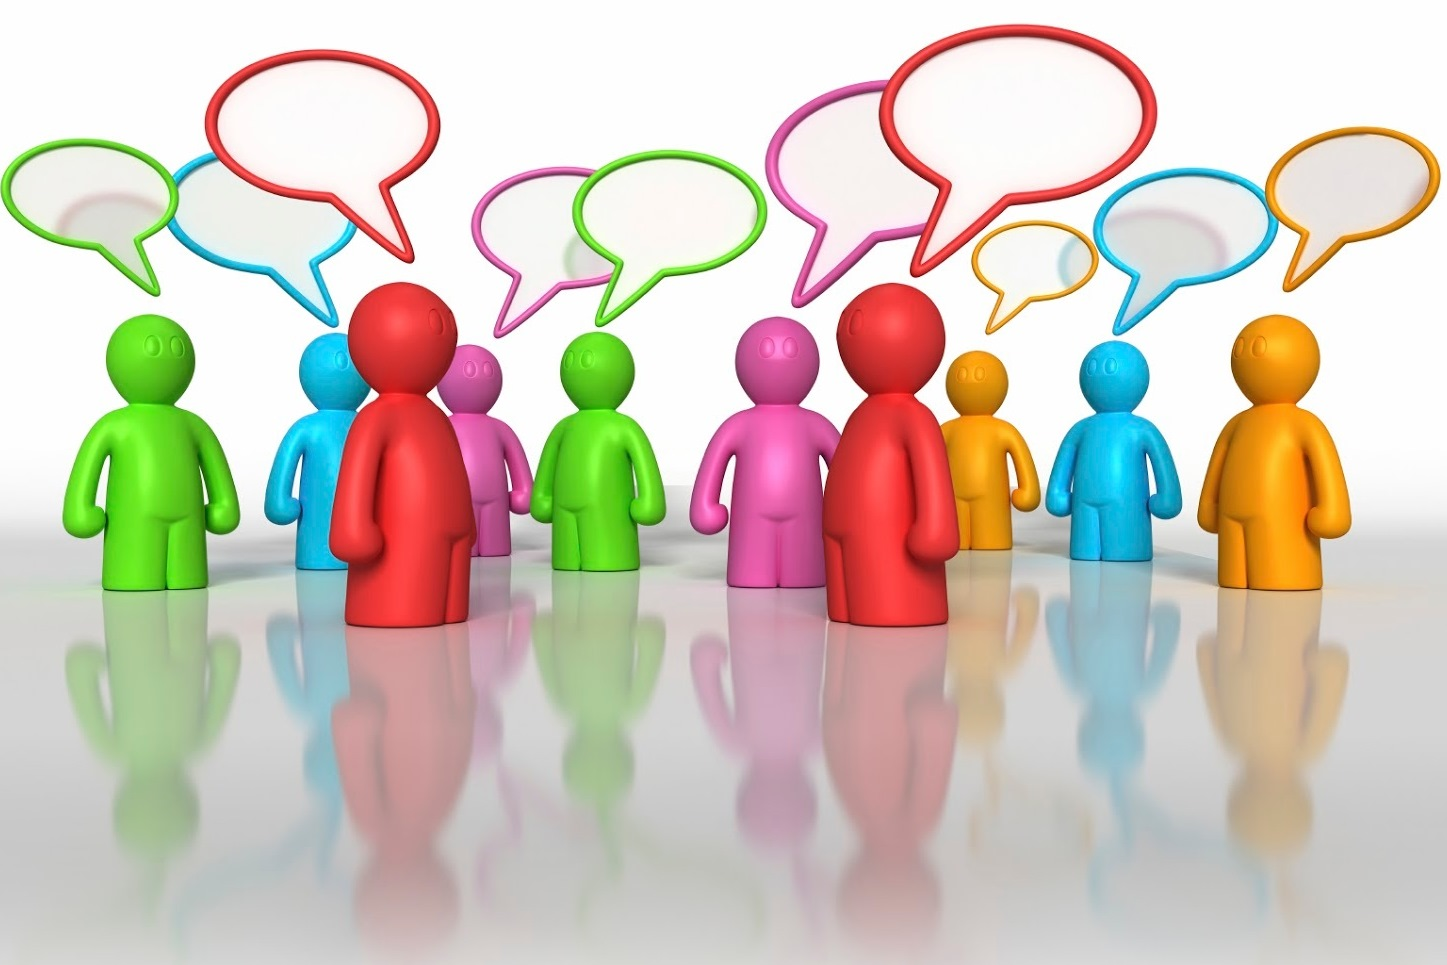 http://www.novigrad.hr/javna_rasprava_o_ii._izmjenama_i_dopunama_prostornog_plana_ureenja_grada_no